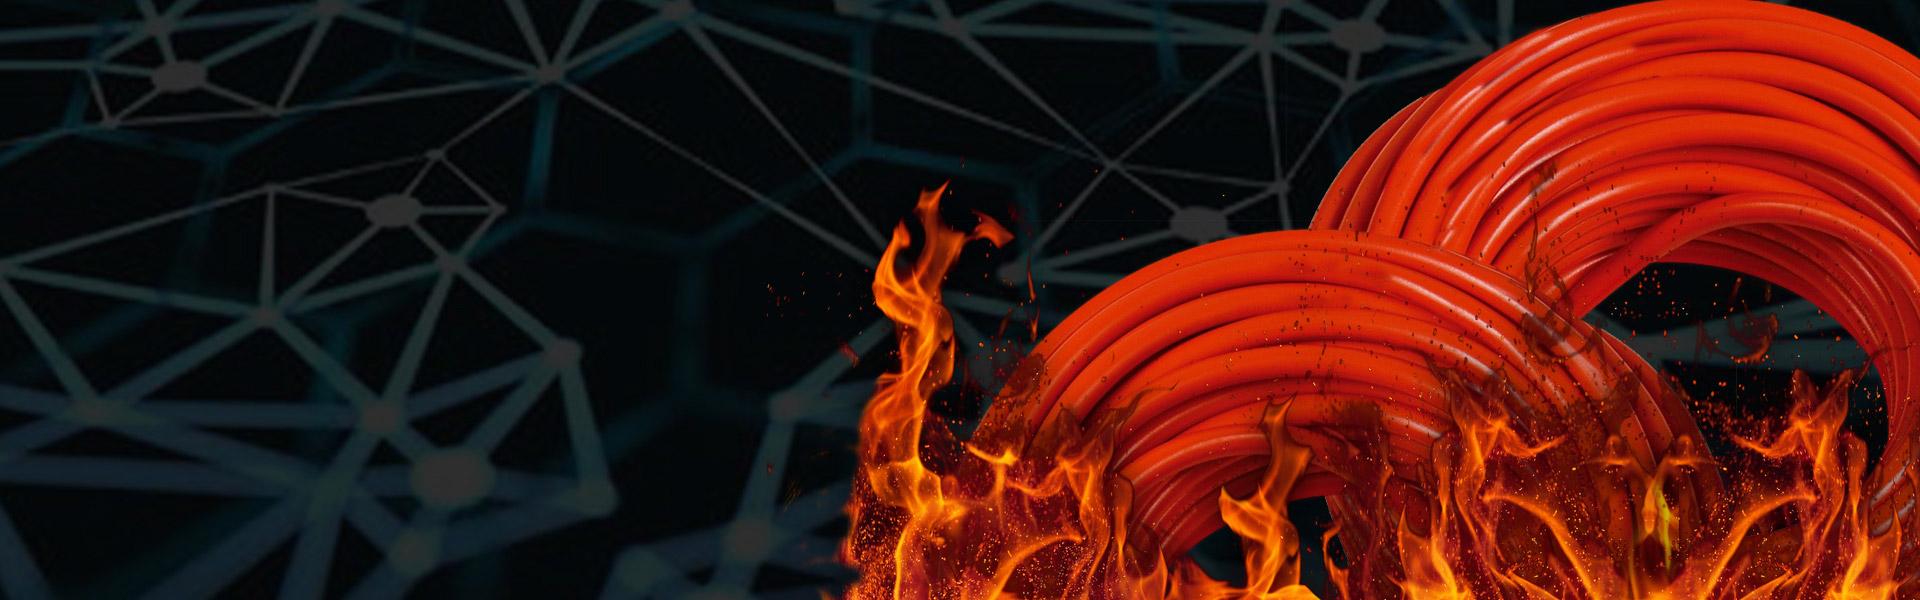 slide-elanfire